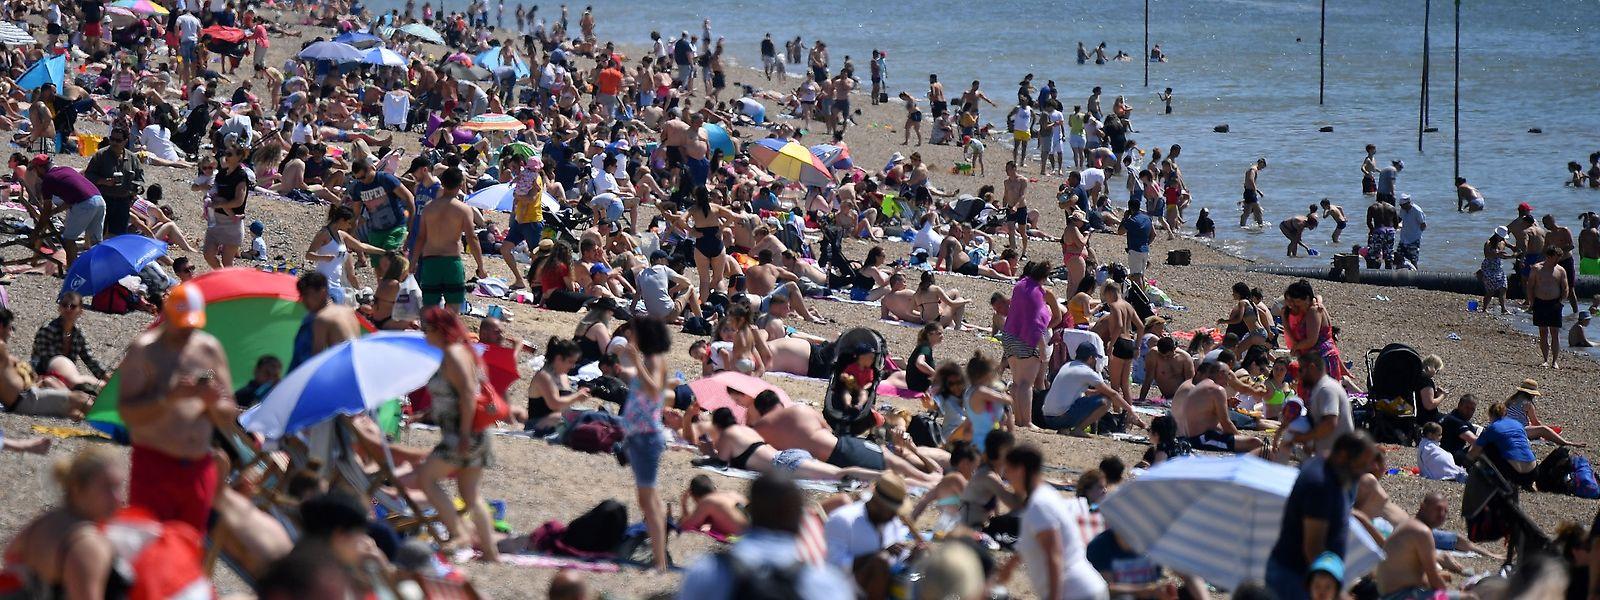 Que ce soit l'Espagne, la Grèce ou le Portugal, le tourisme constitue un secteur important de l'économie des pays méditerranéens.